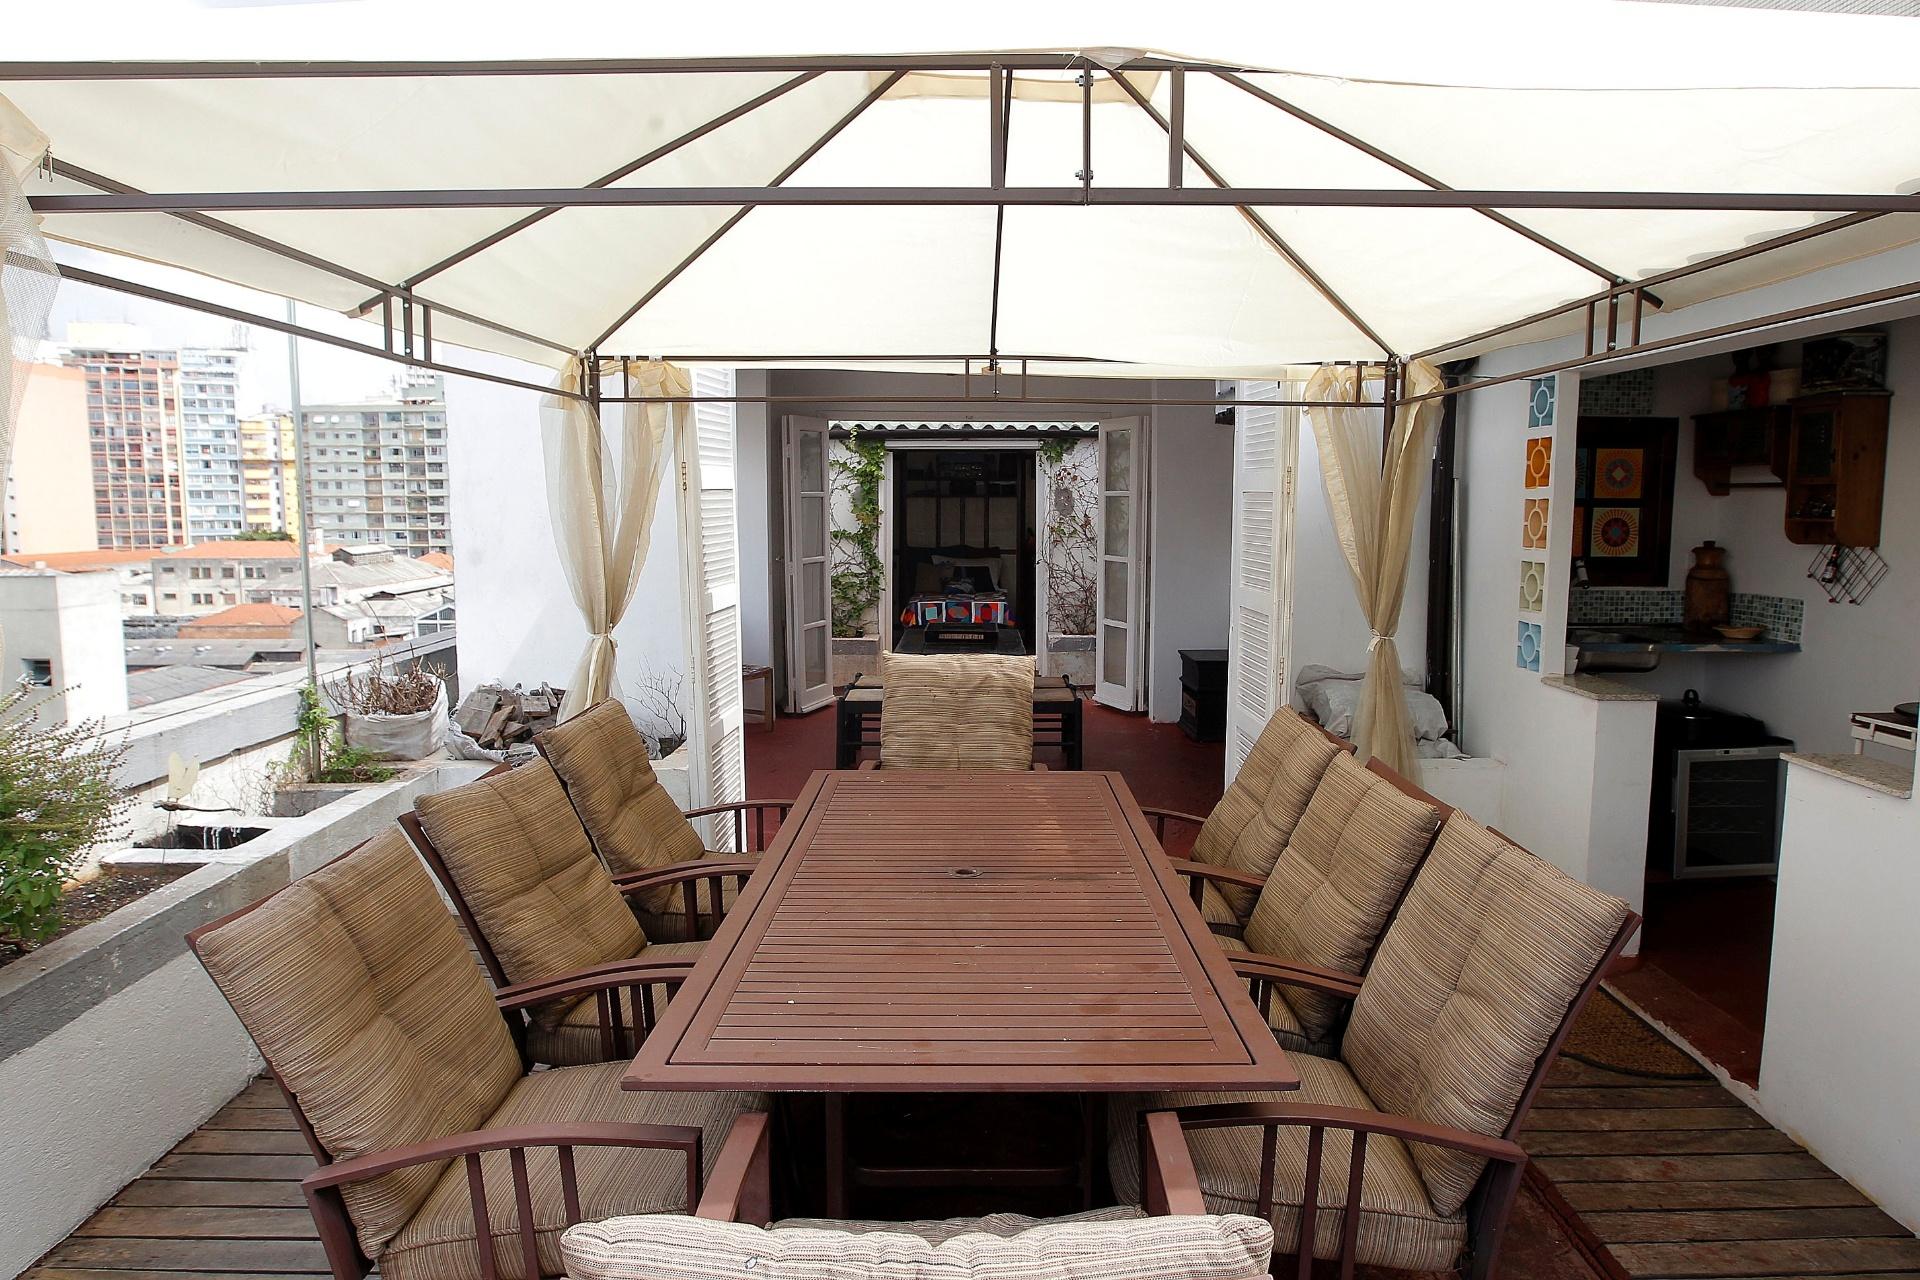 Sobre a cobertura do apartamento de Nico Puig, uma grande mesa de jantar fica protegida pela cobertura de lona e conta com uma pequena cozinha de apoio (à dir.). Ao fundo, um dos quartos de hóspede, com cama de solteiro. O dormitório também possui cozinha própria. O apê fica no centro de São Paulo